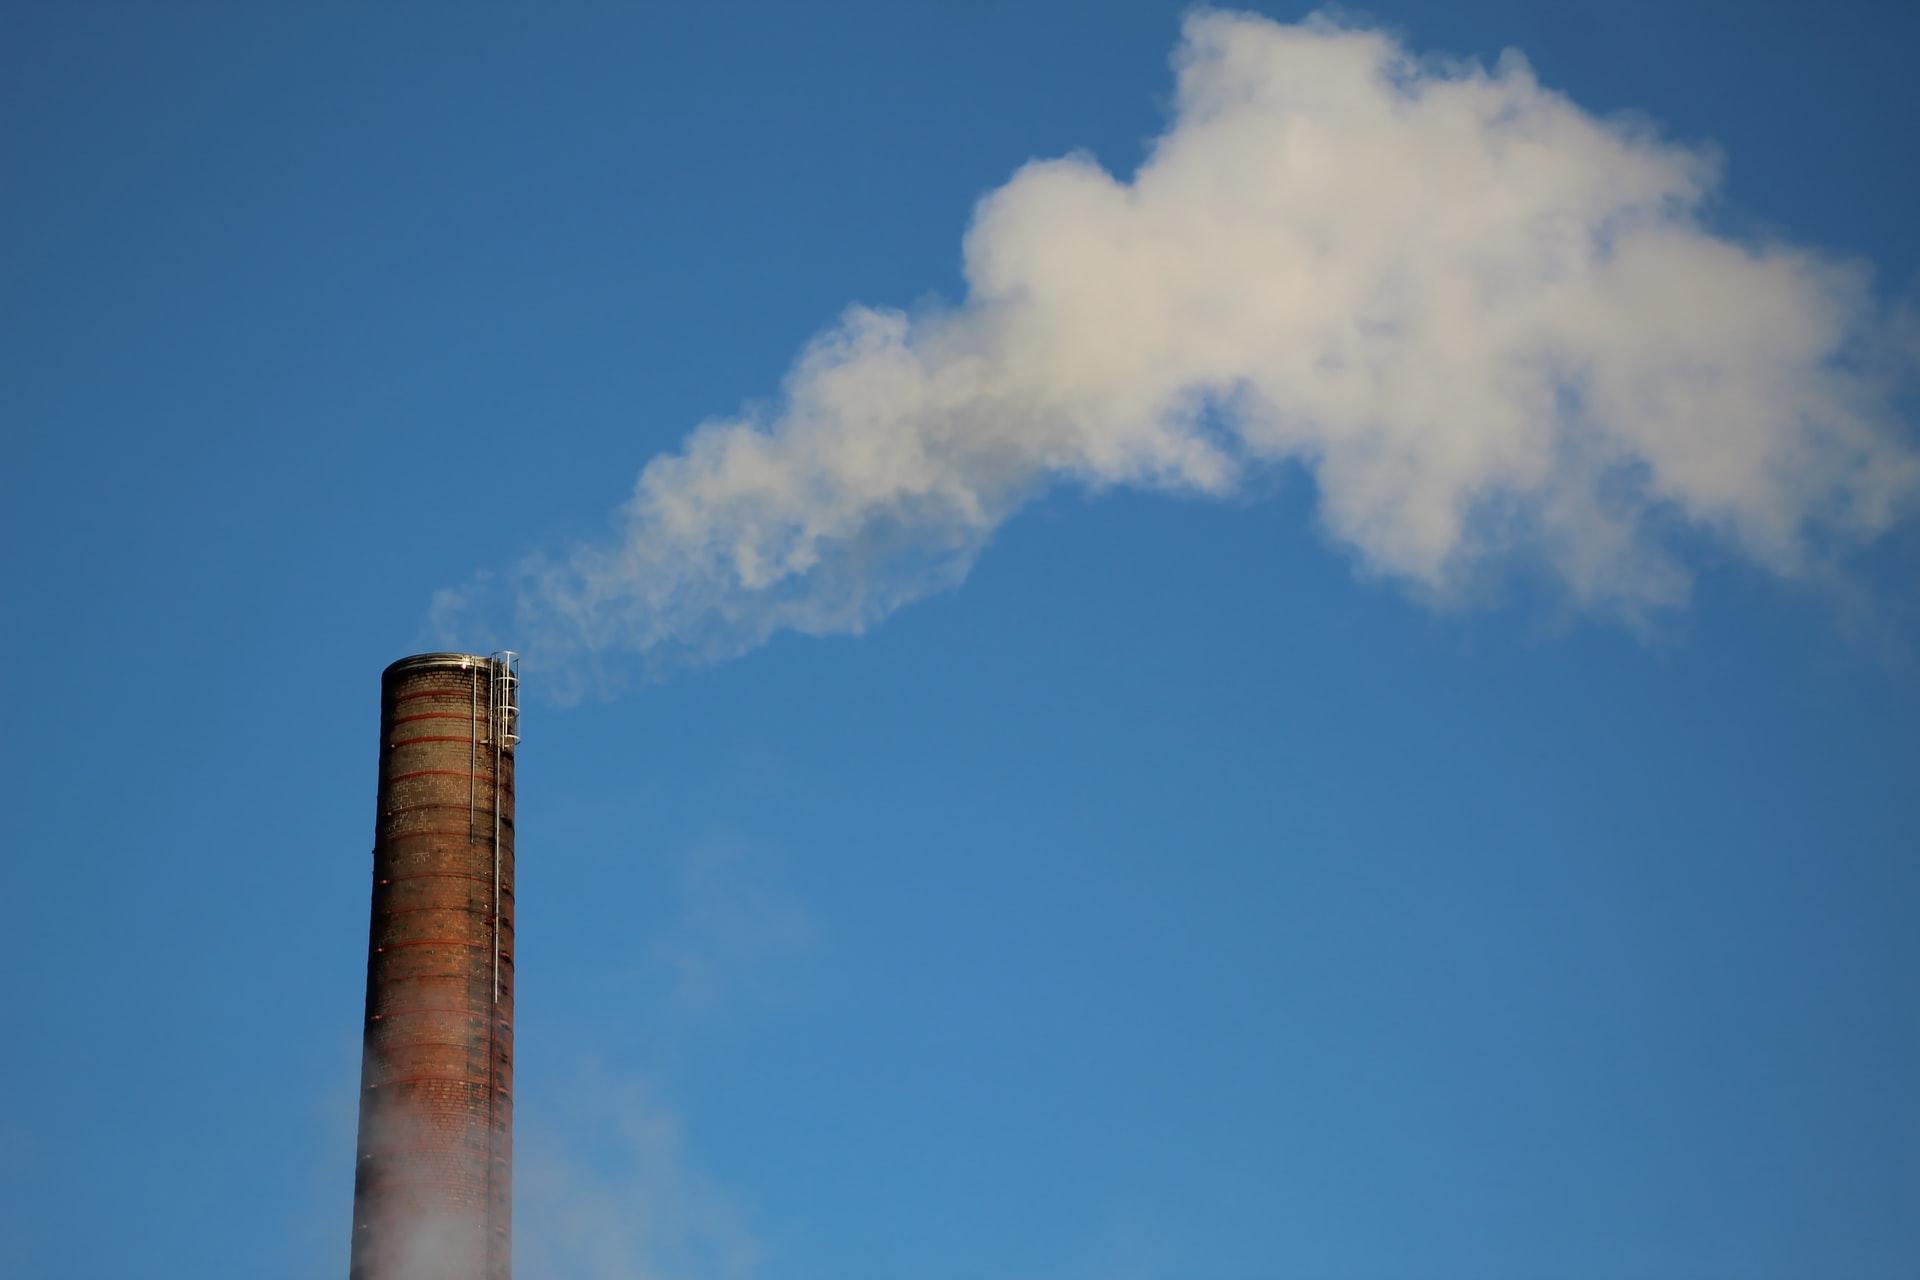 Empresa vai investir em startups que ajudarem a reduzir a emissão de carbono